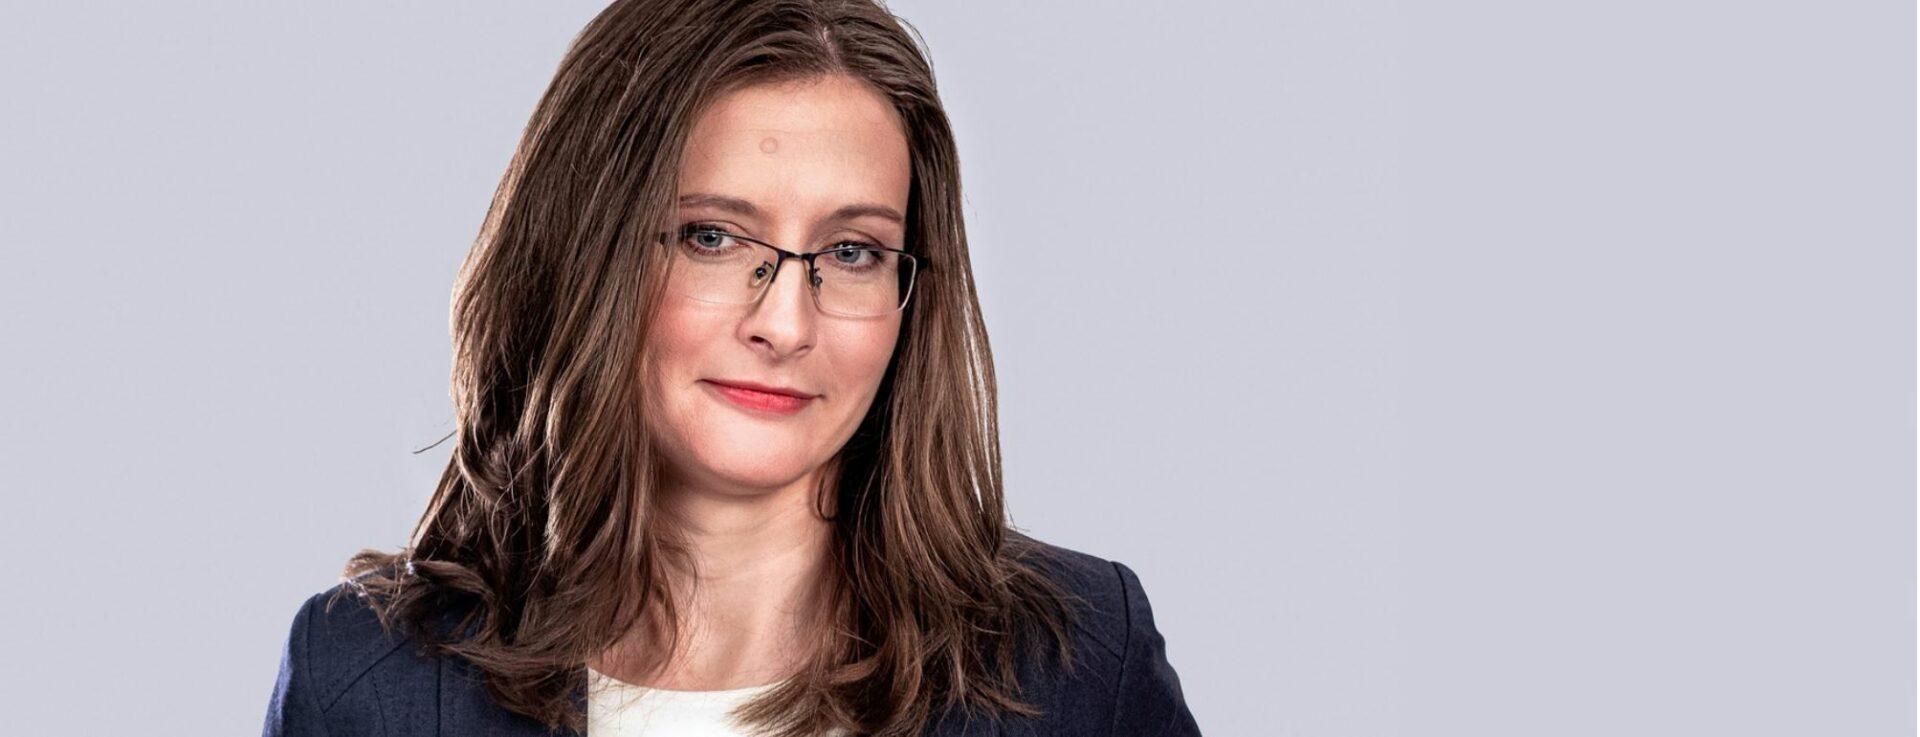 Eliza Kaczorowska